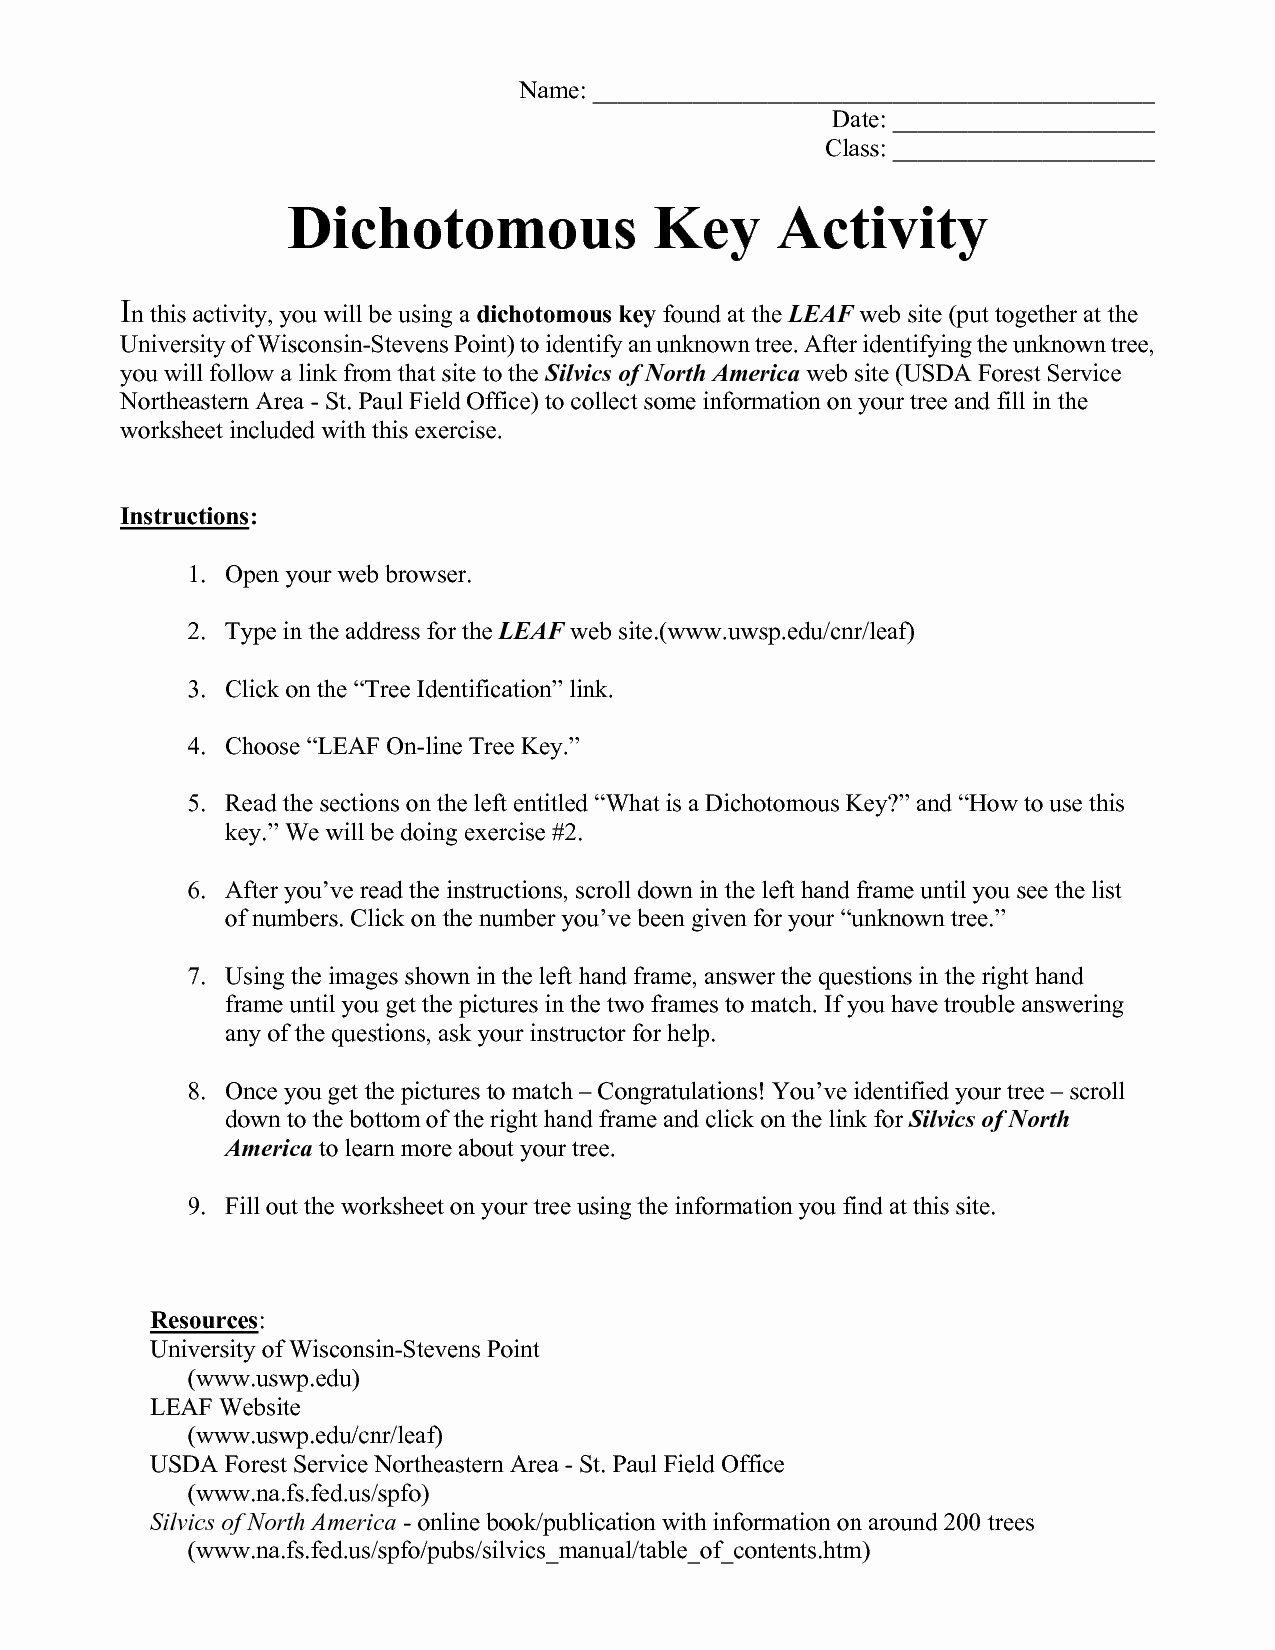 Dichotomous Key Worksheet Pdf Beautiful Dichotomous Key Insects Worksheet the Best Worksheets